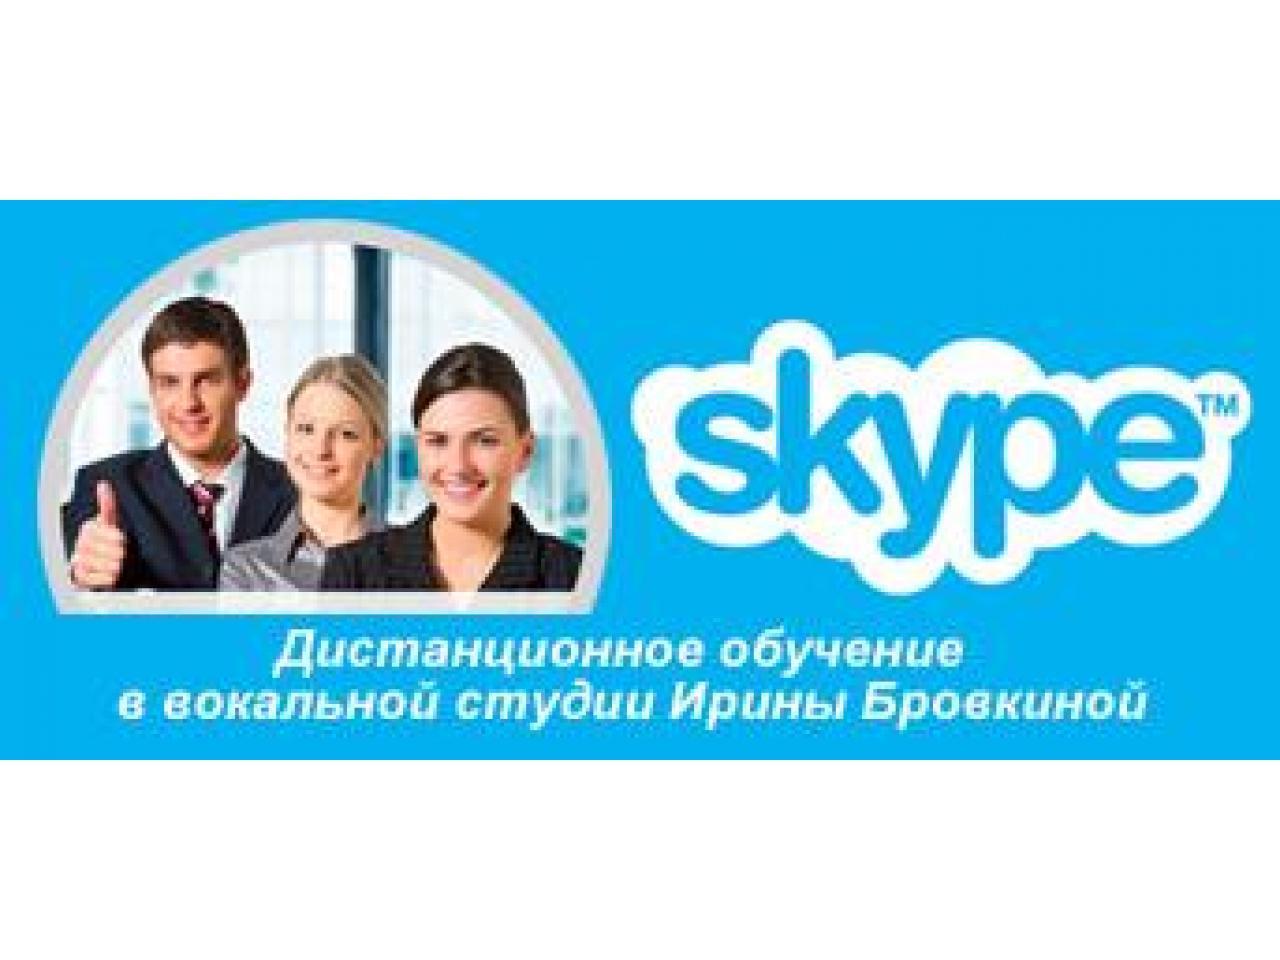 Уроки эстрадного и джазового вокала - по Skype! - 2